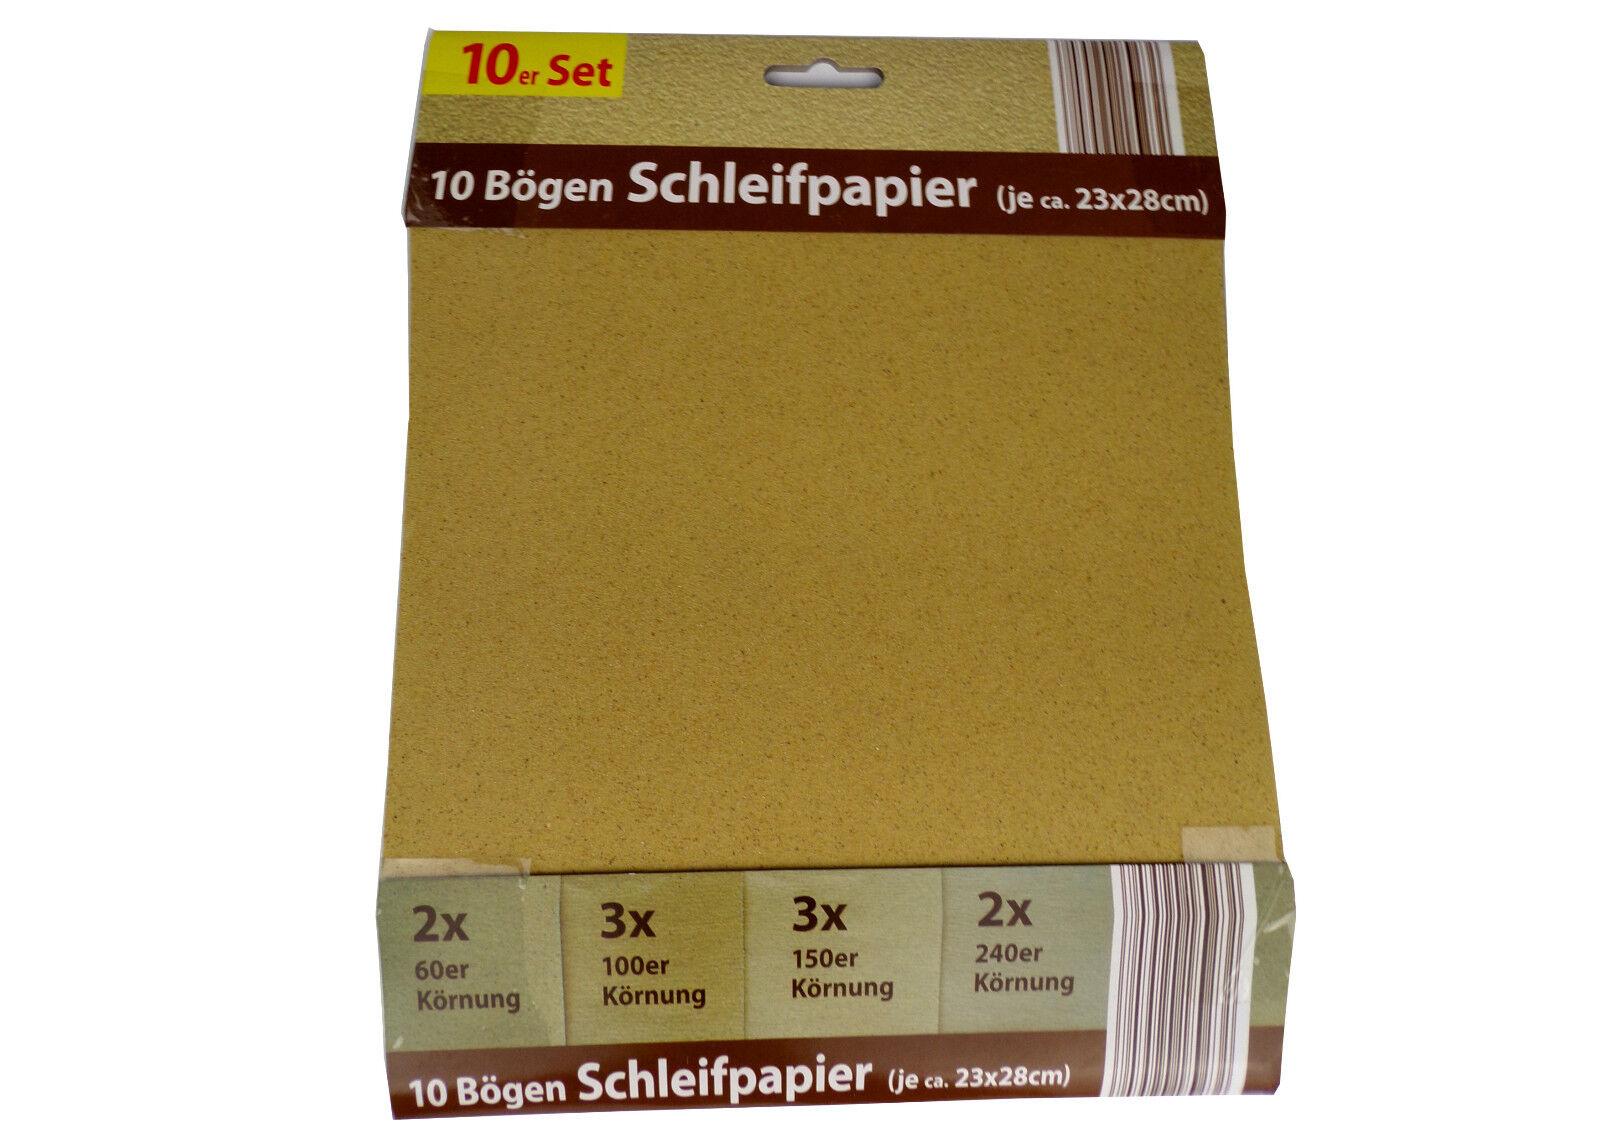 Schleifpapier Set 20 Blatt 60,100,150,240 Körnung 23x28cm Hobby Schmirgelpapier